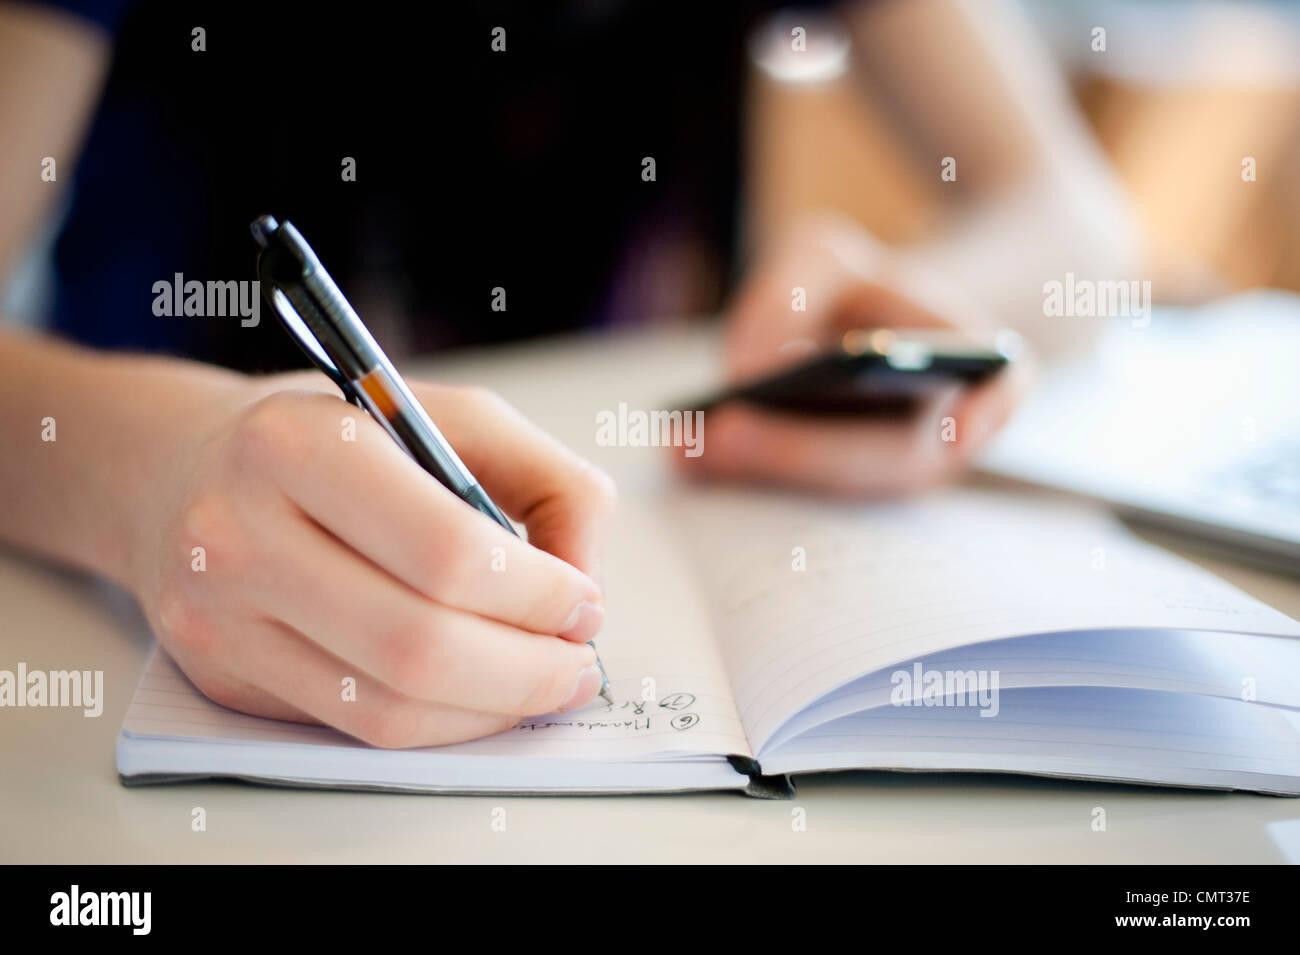 Close-up de mano humana escrito y sosteniendo el teléfono móvil Imagen De Stock